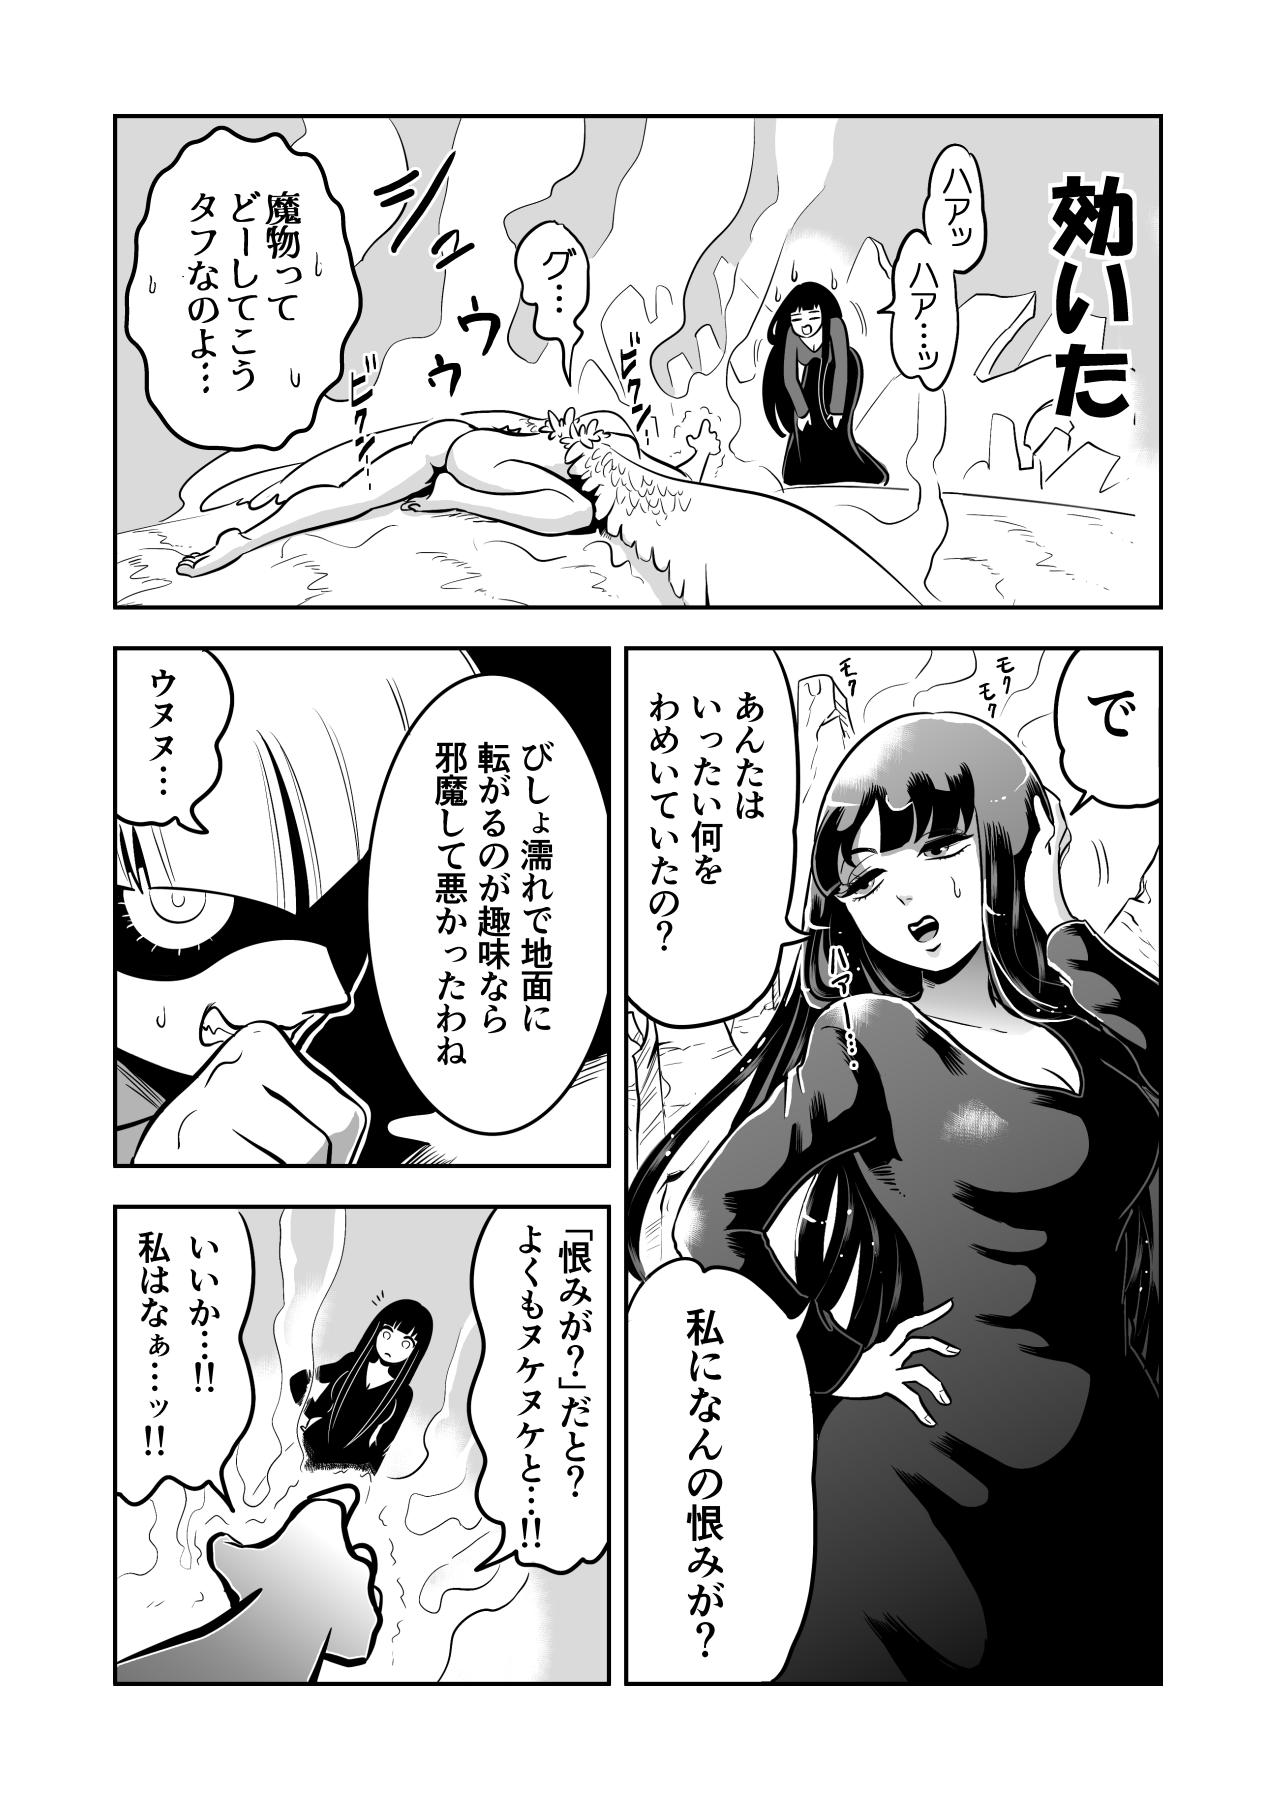 ヤサグレ魔女とグリザベッラと魔女の使い魔0017